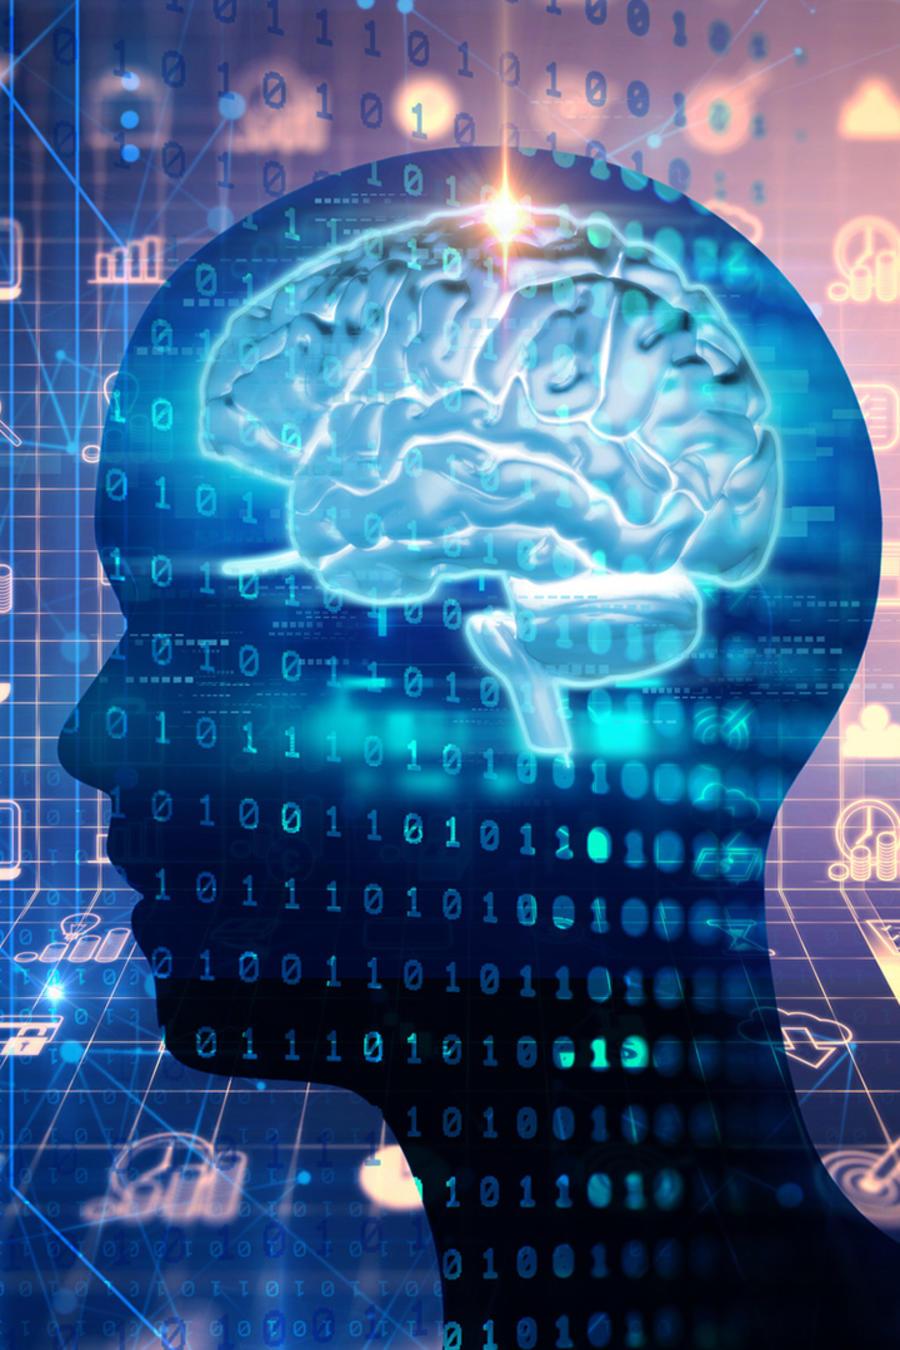 Mejoras futuristas al cerebro: más cerca de lo que crees